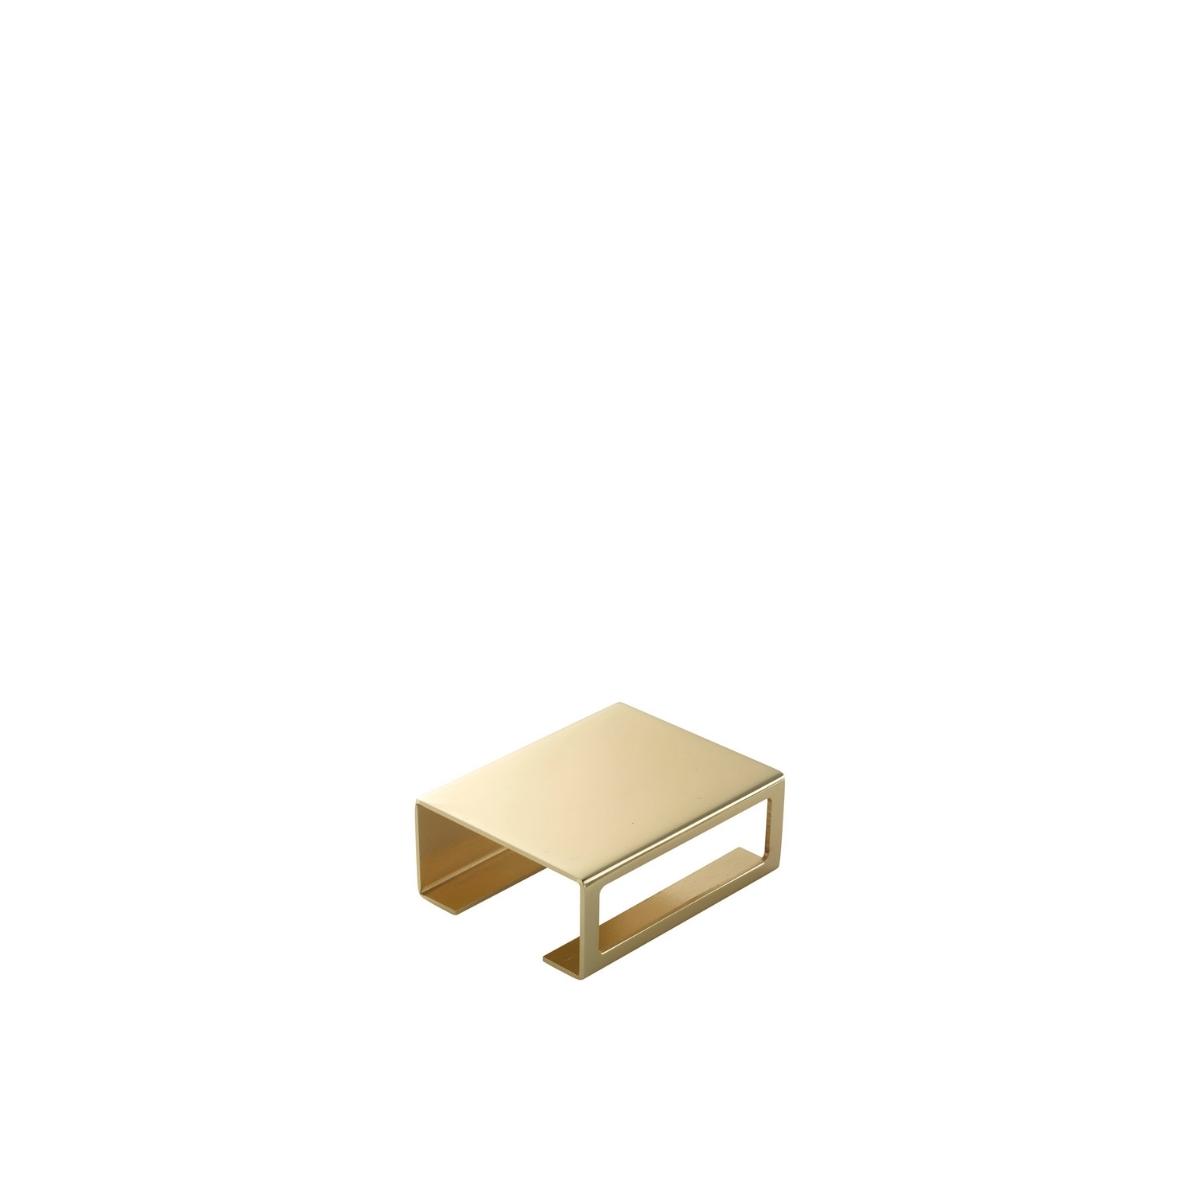 By Lassen | Matchbox Cover - Bolighuset Werenberg